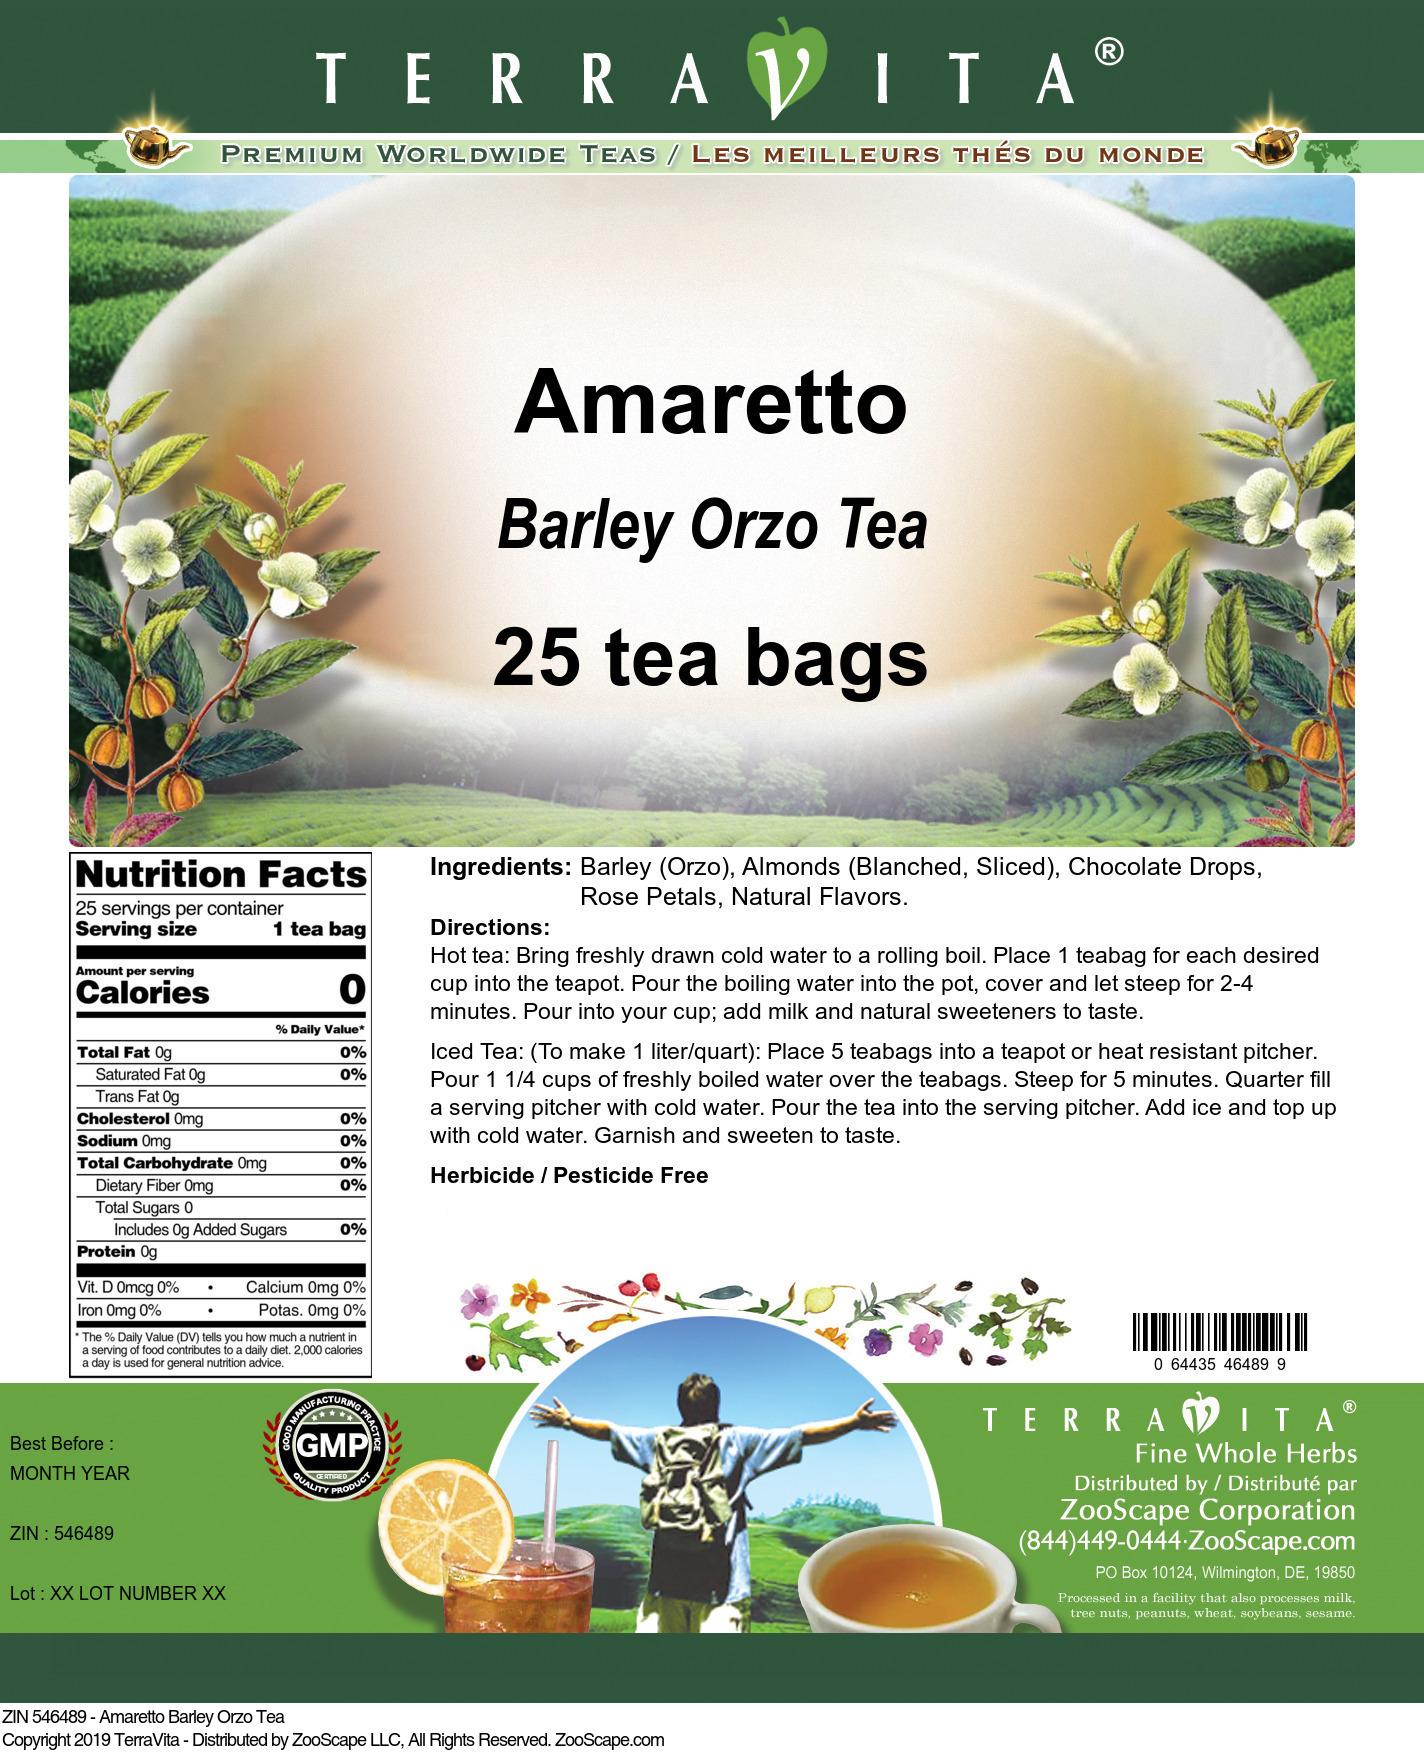 Amaretto Barley Orzo